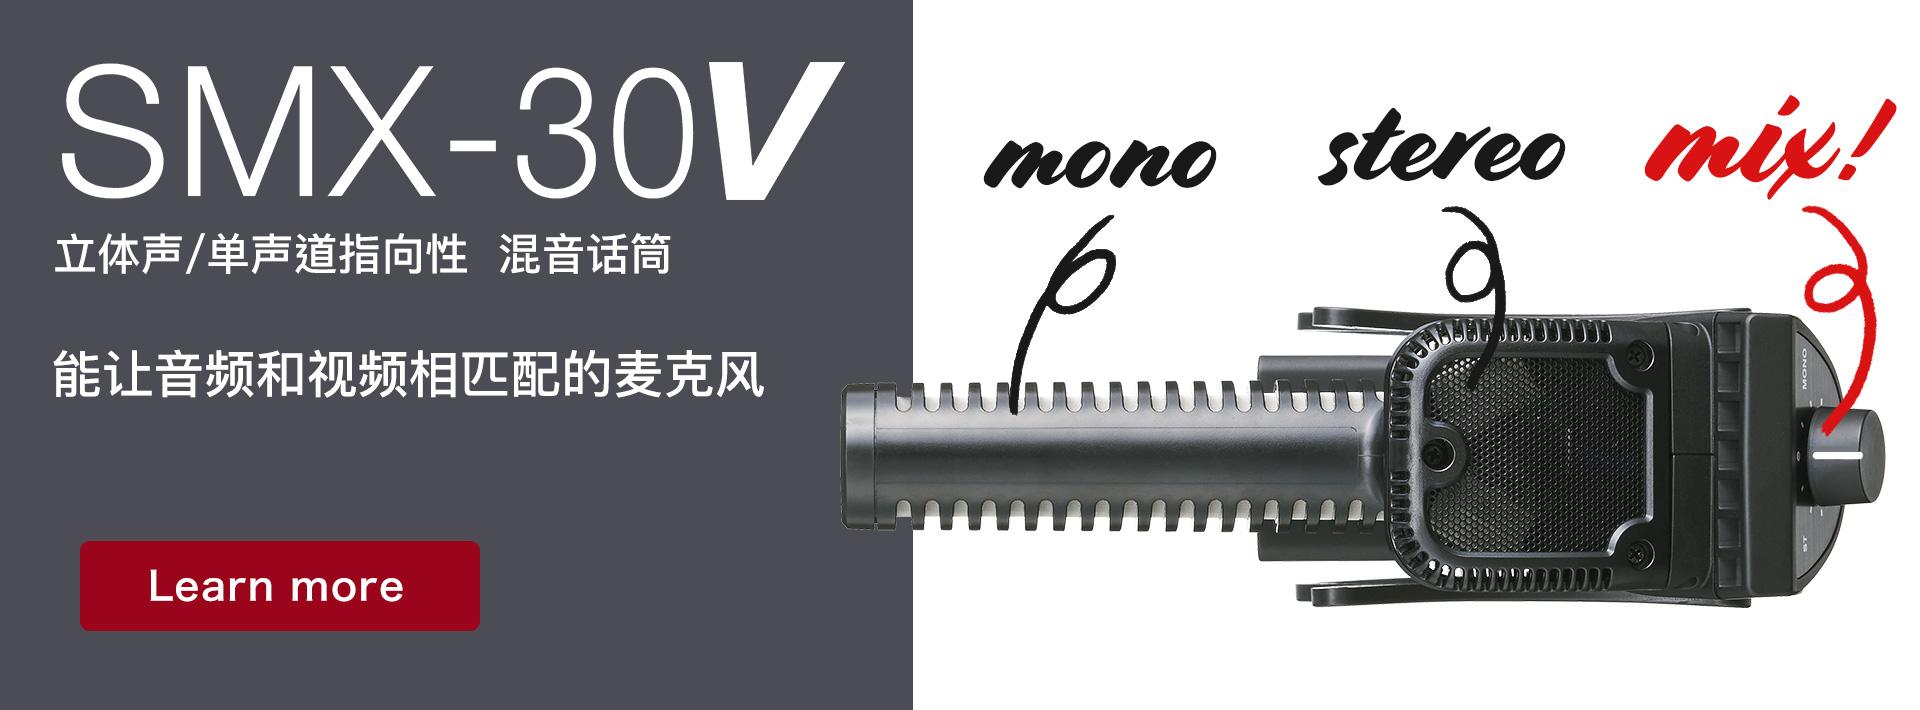 SMX-30V